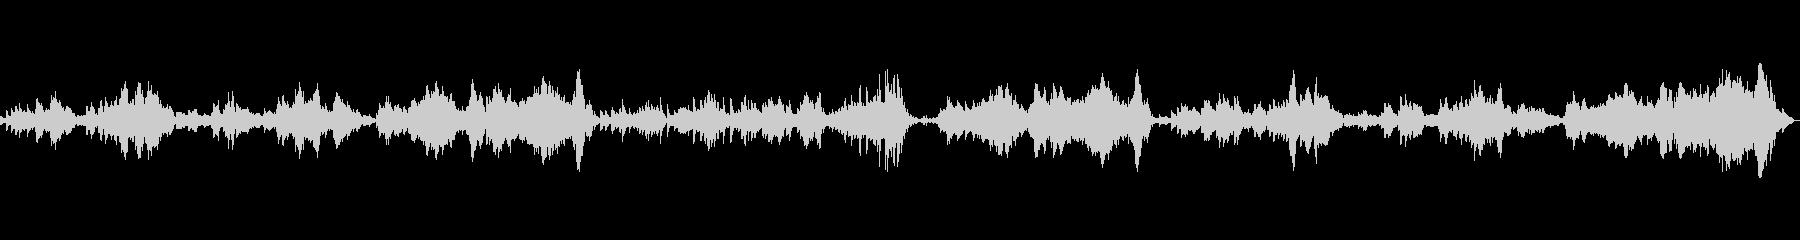 クラシック クール ハイテク 緊迫...の未再生の波形